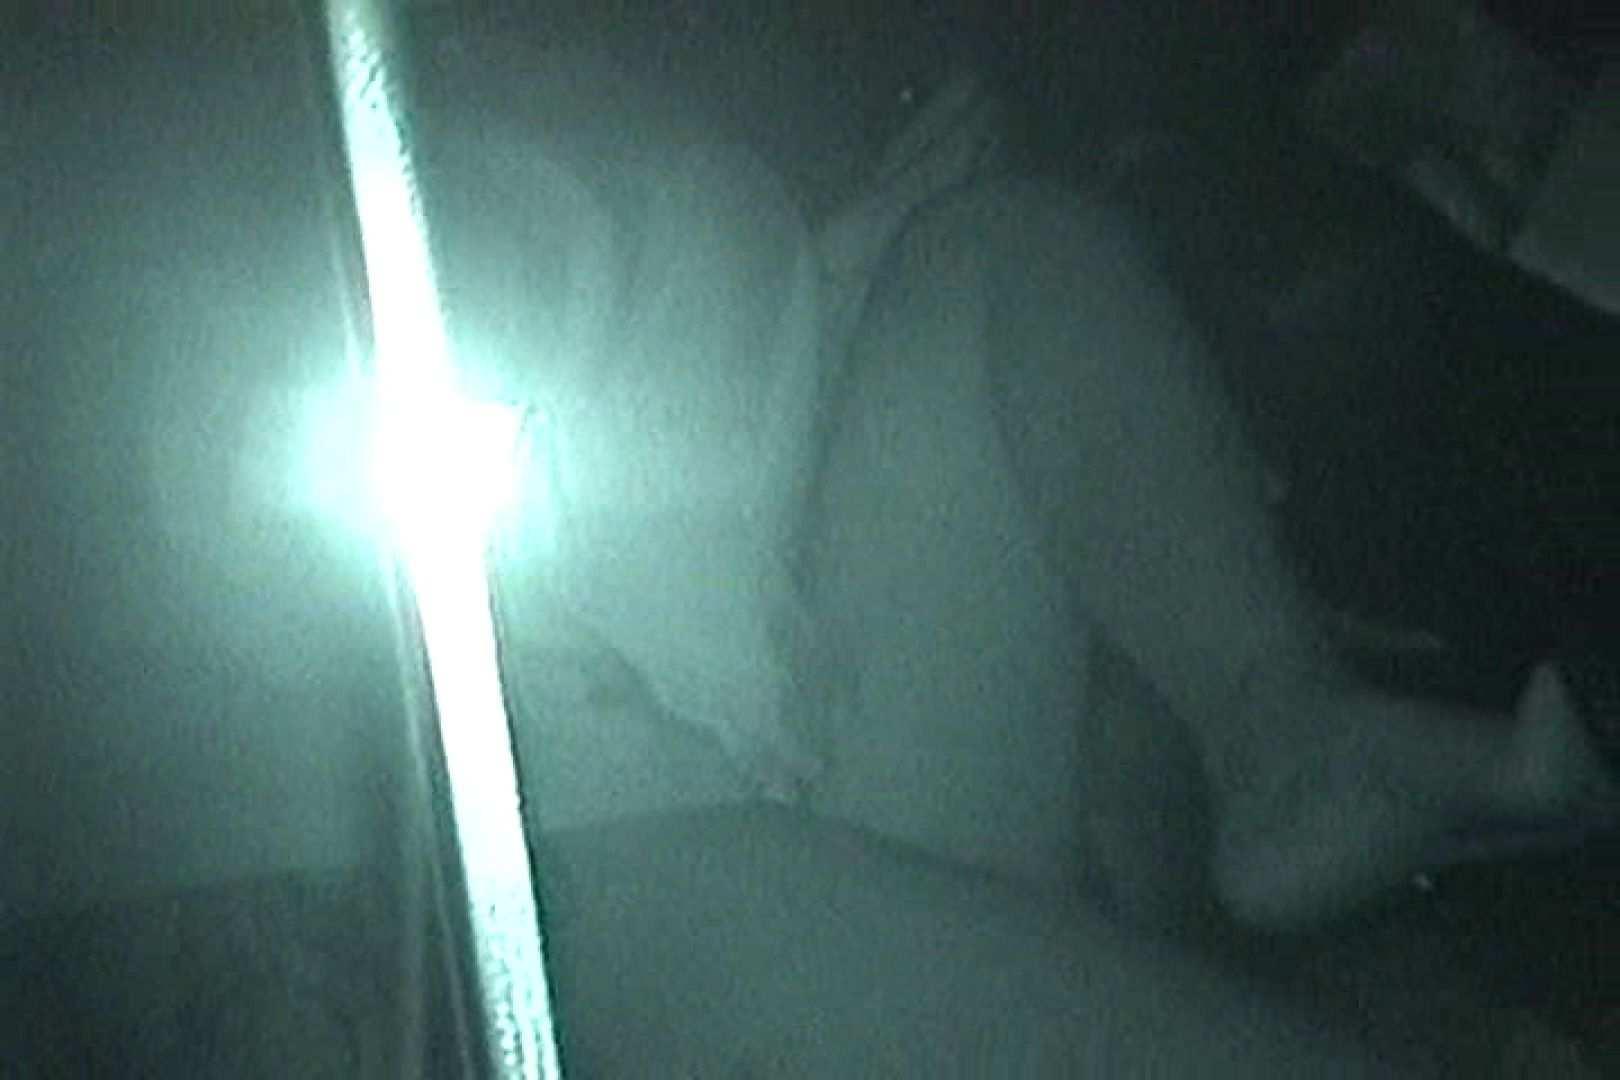 充血監督の深夜の運動会Vol.102 OLエロ画像 盗撮AV動画キャプチャ 95PICs 78